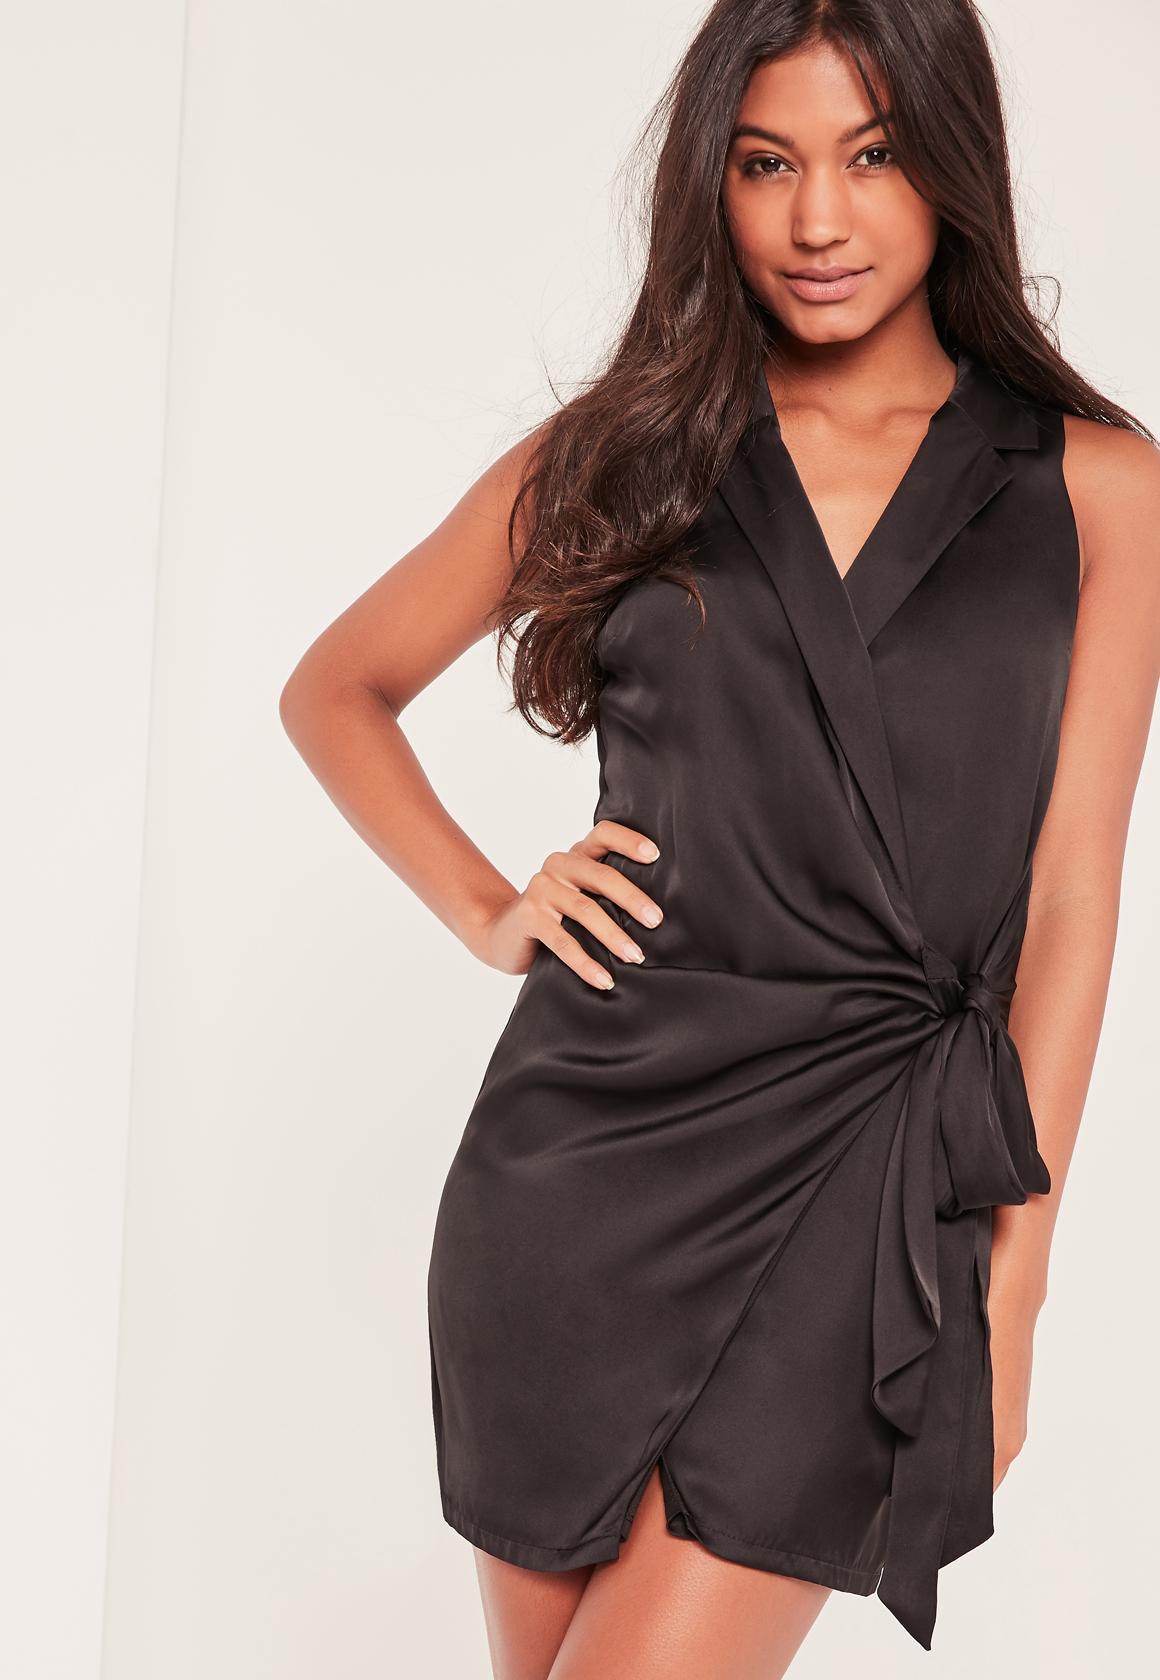 Black bodycon dress with blazer